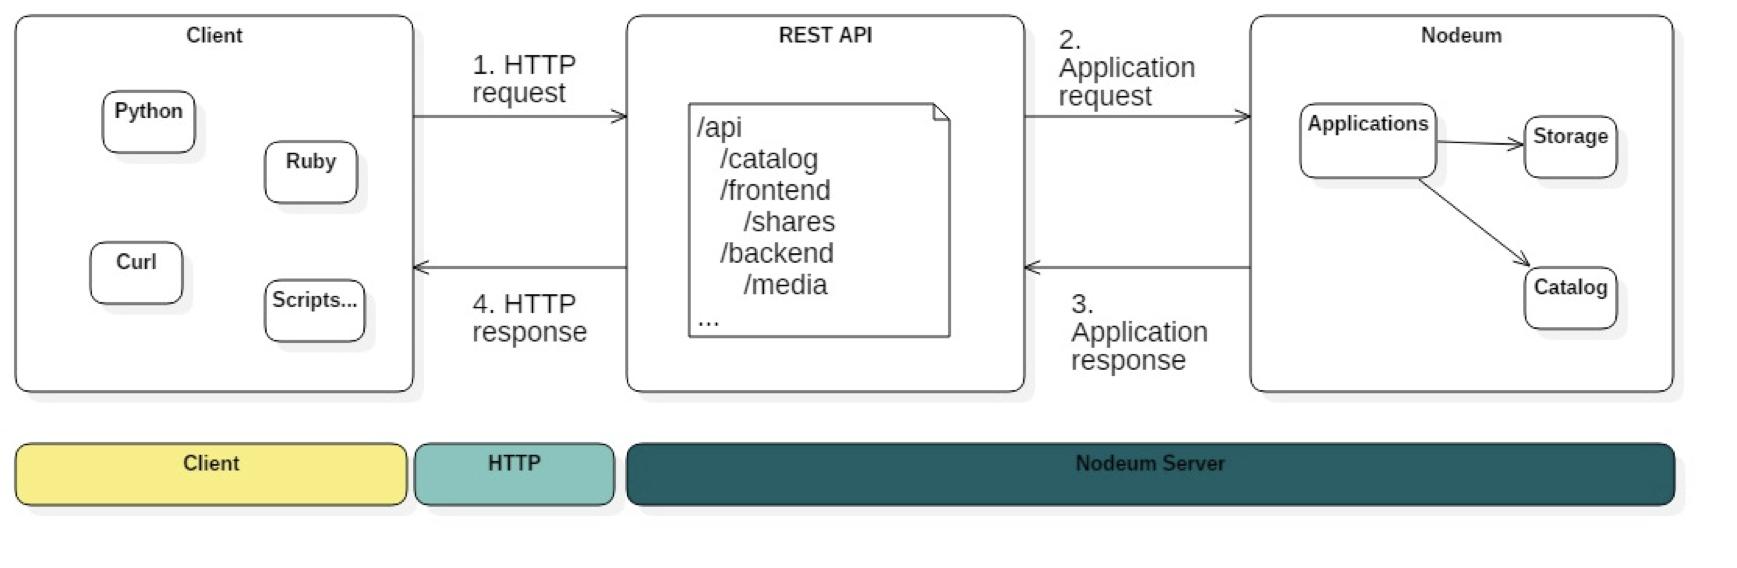 Nodeum API REST Example